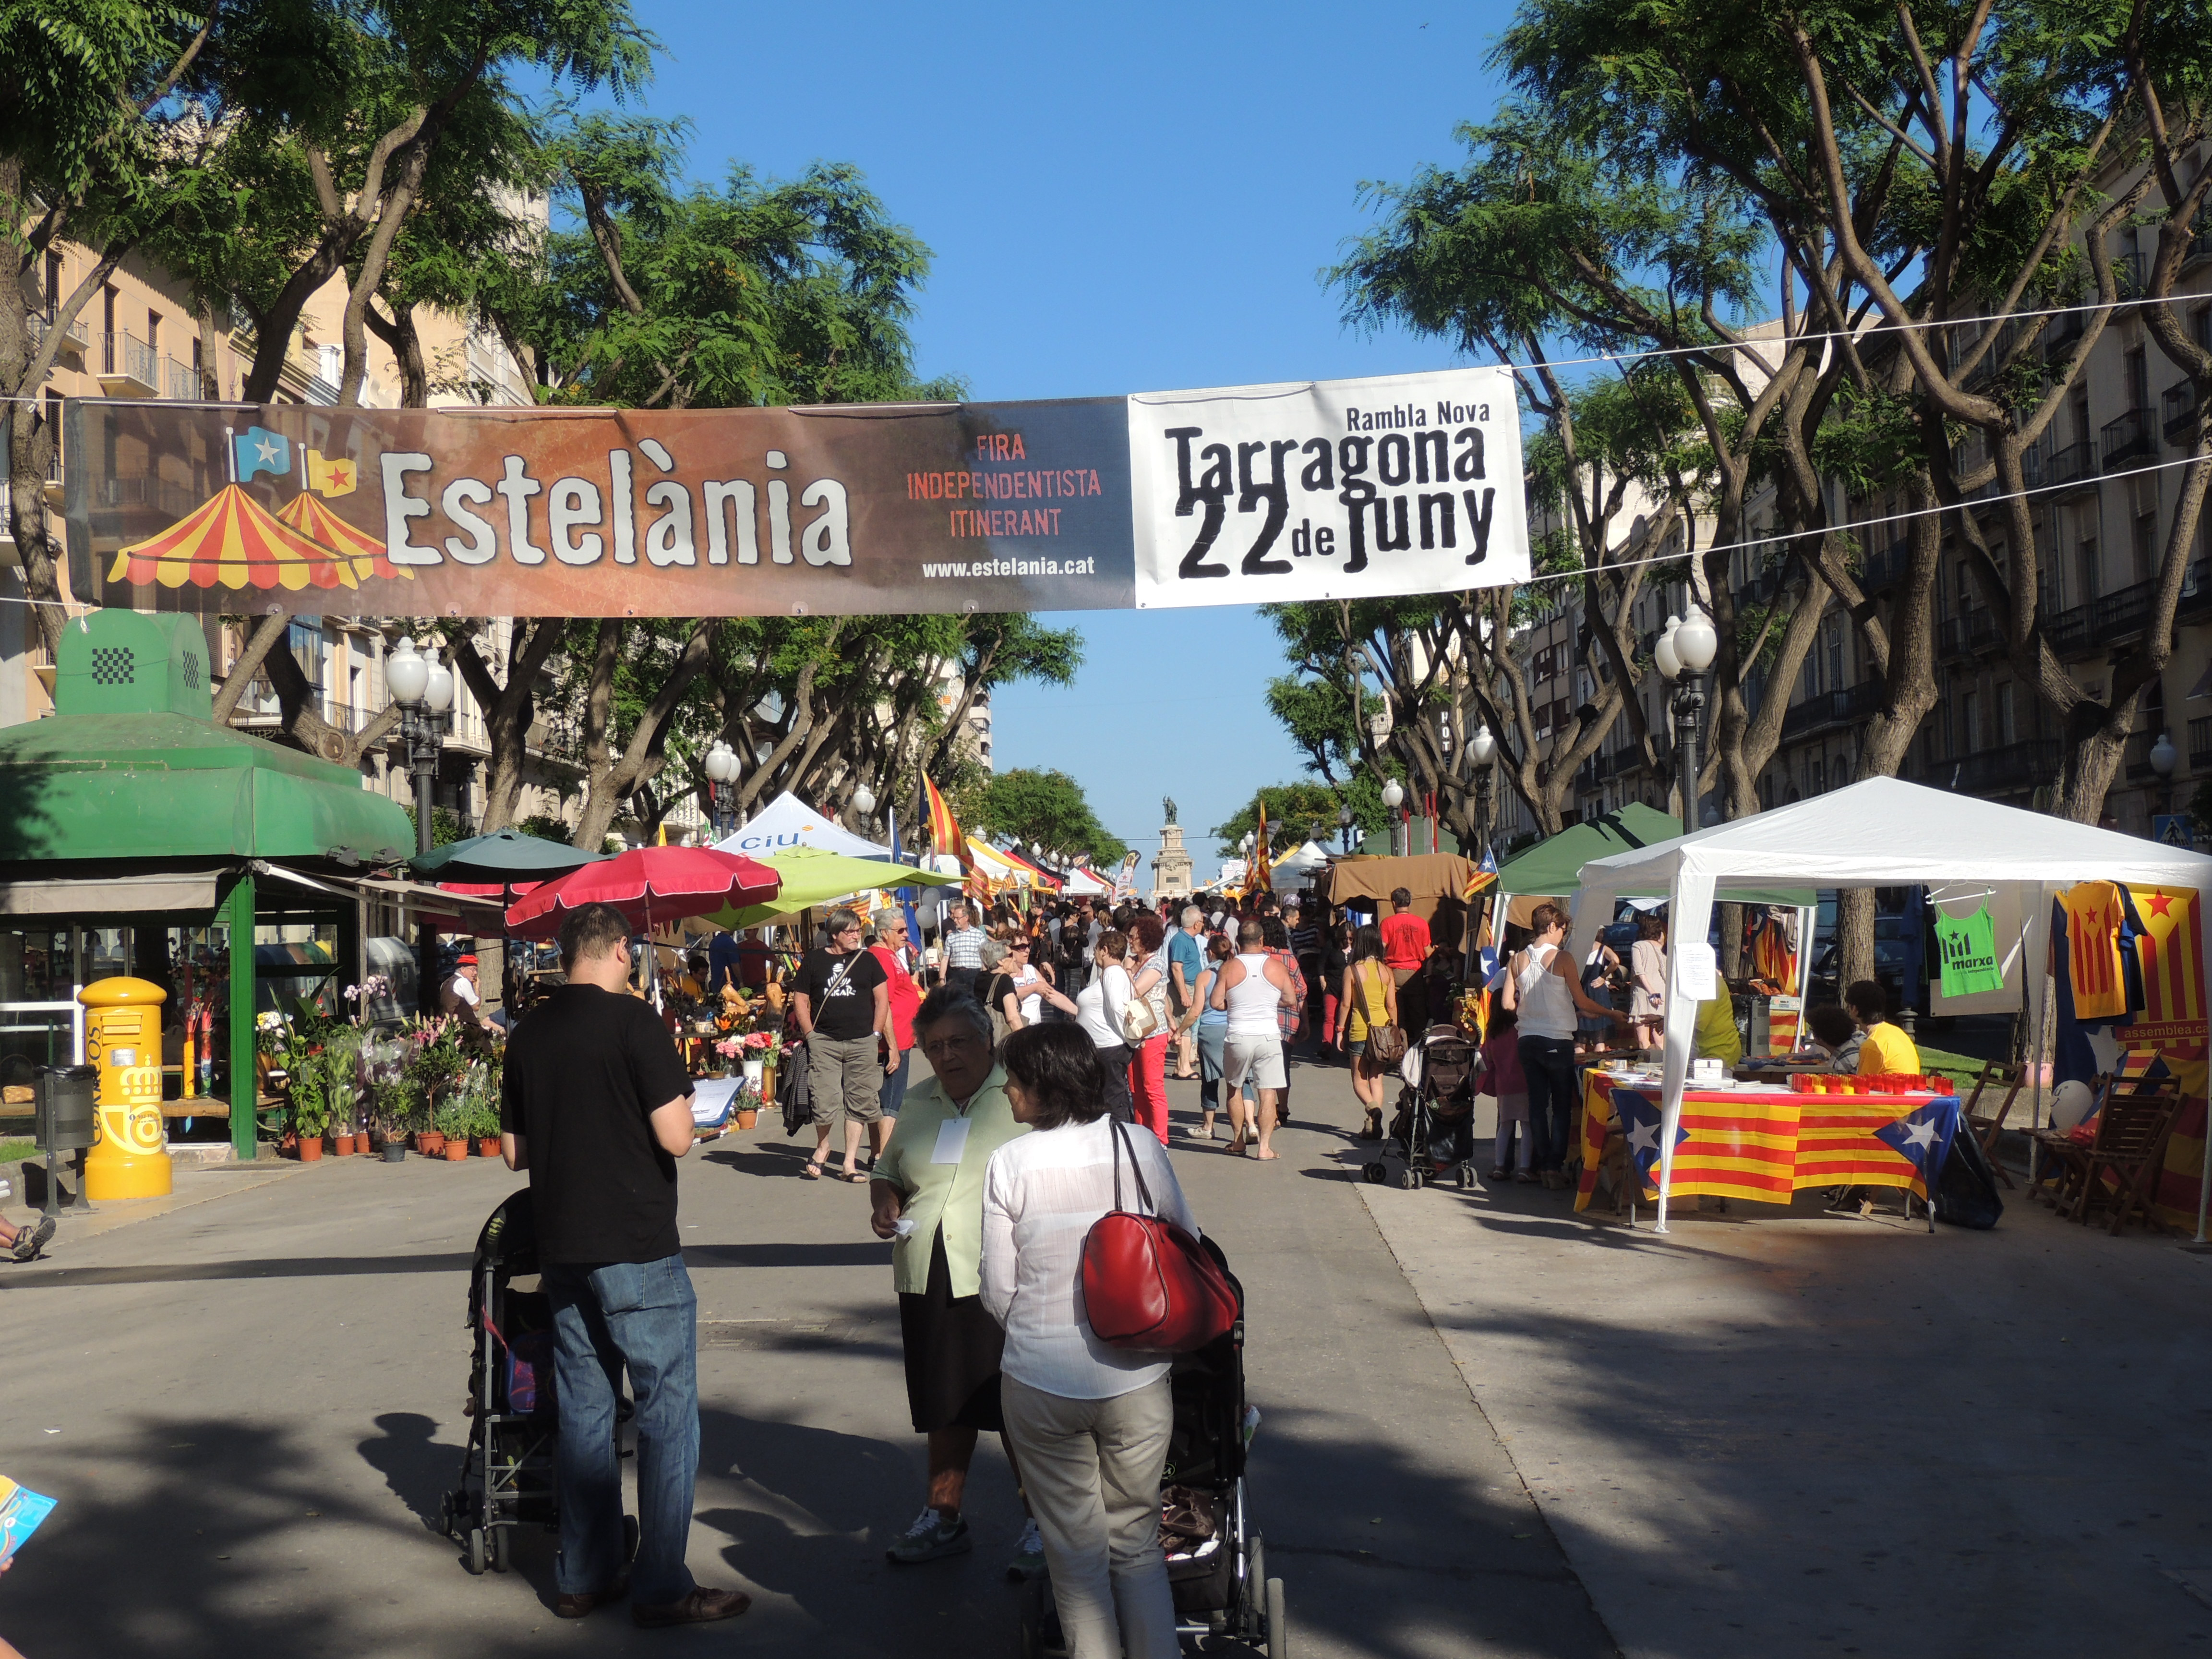 La fira Estelània va atraure l'atenció de força públic.